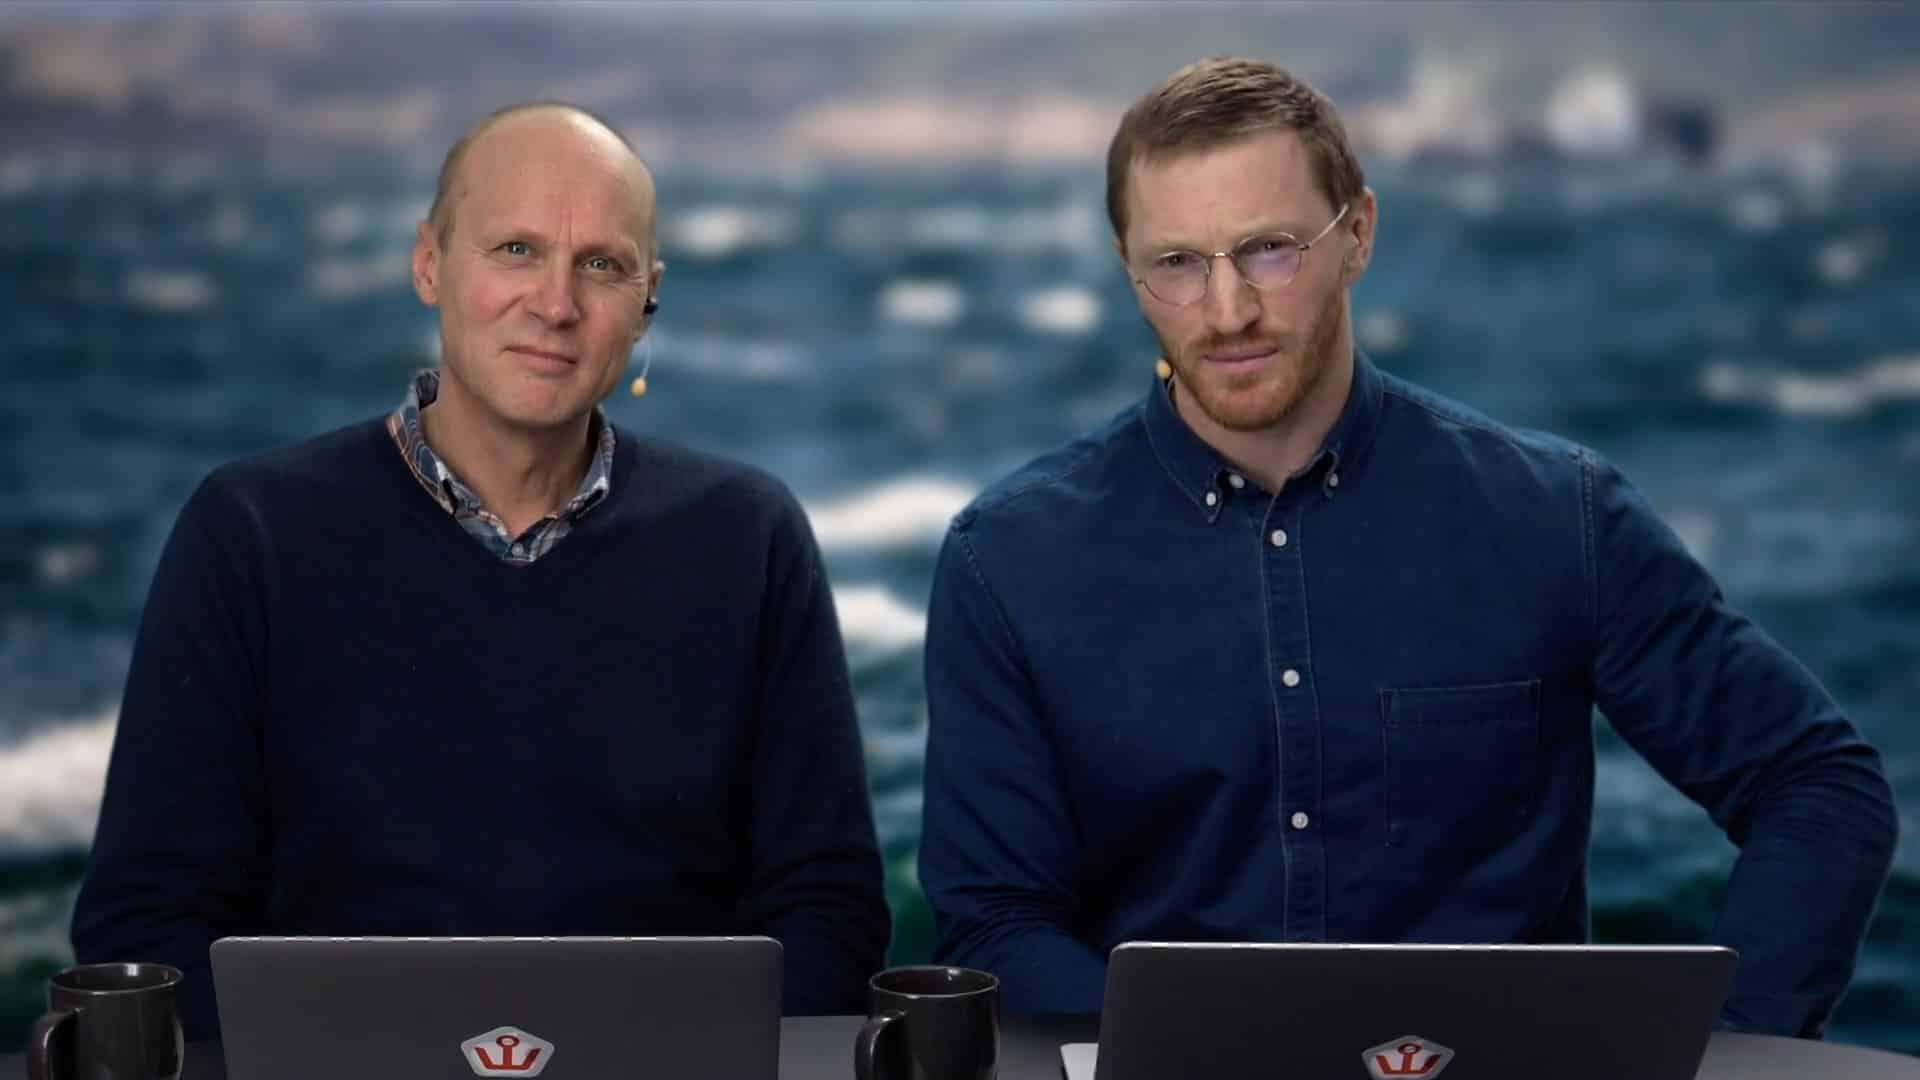 Studio - S02E01 - Världens största båtmässa och heta svenska båtnyheter